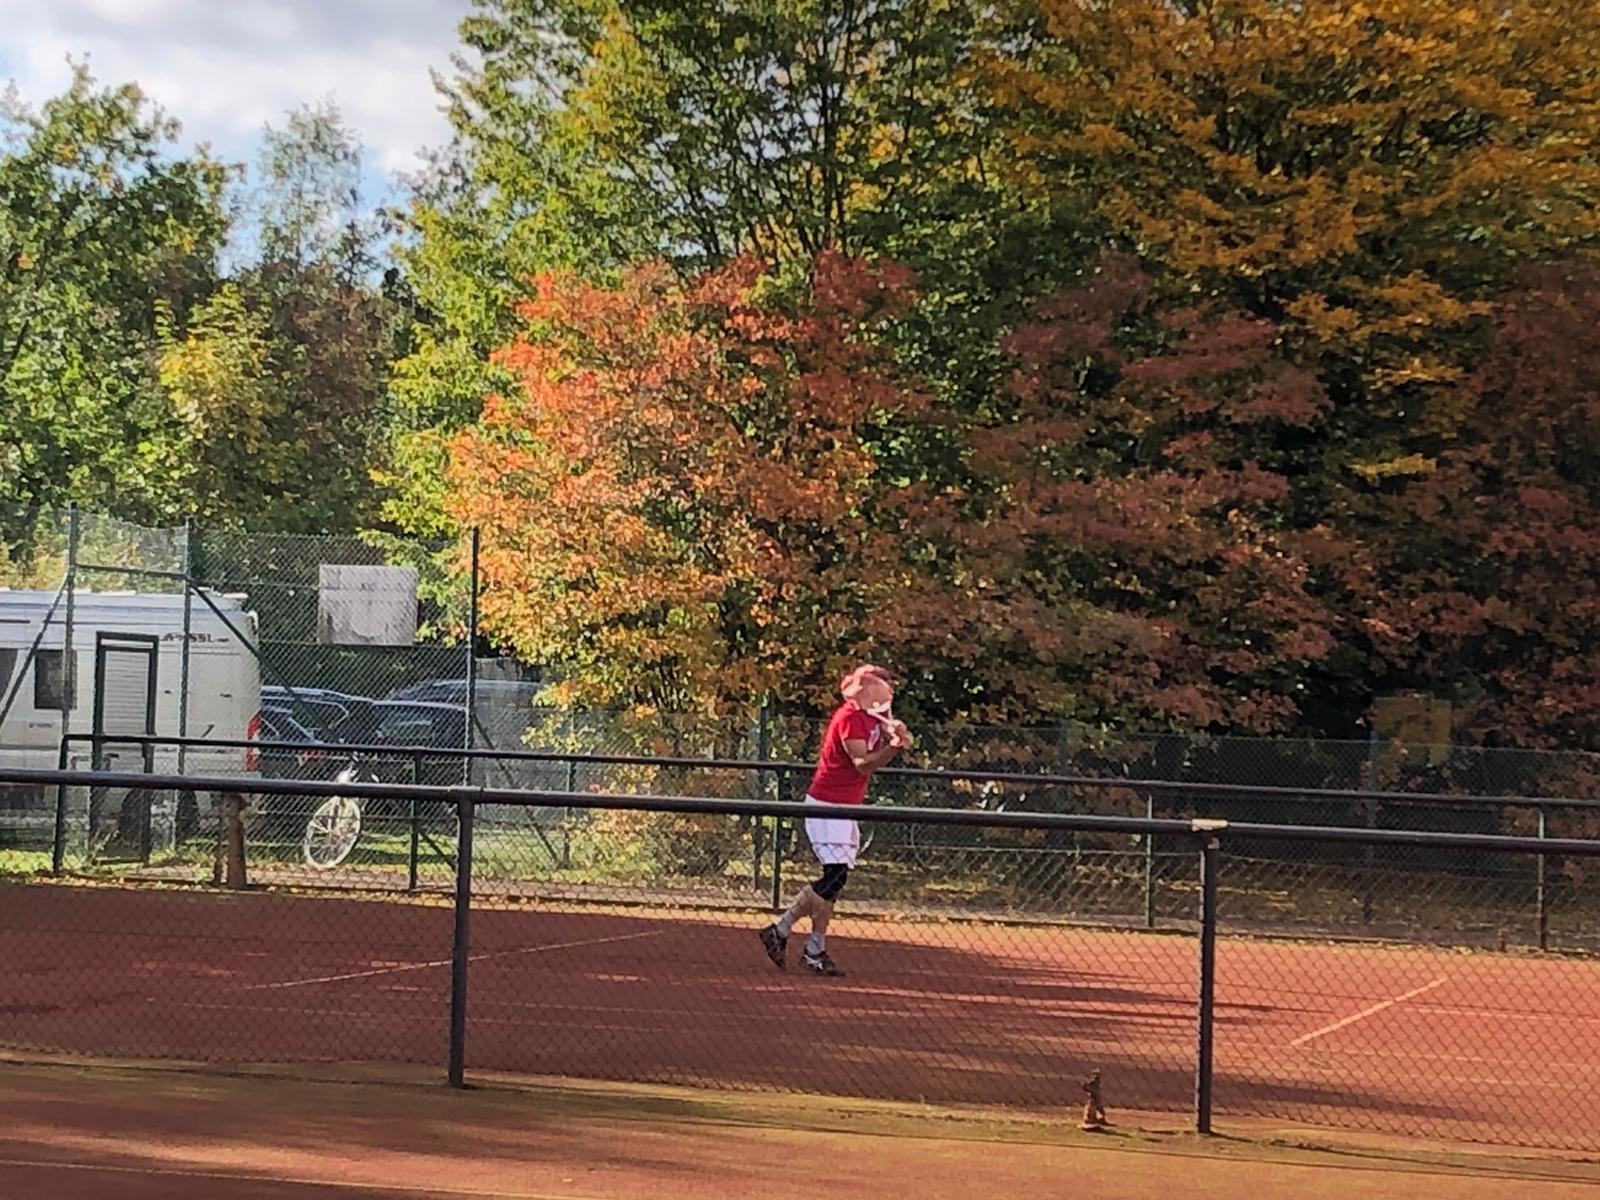 Ergebnisse und Tabellen aktuelle Tennissaison